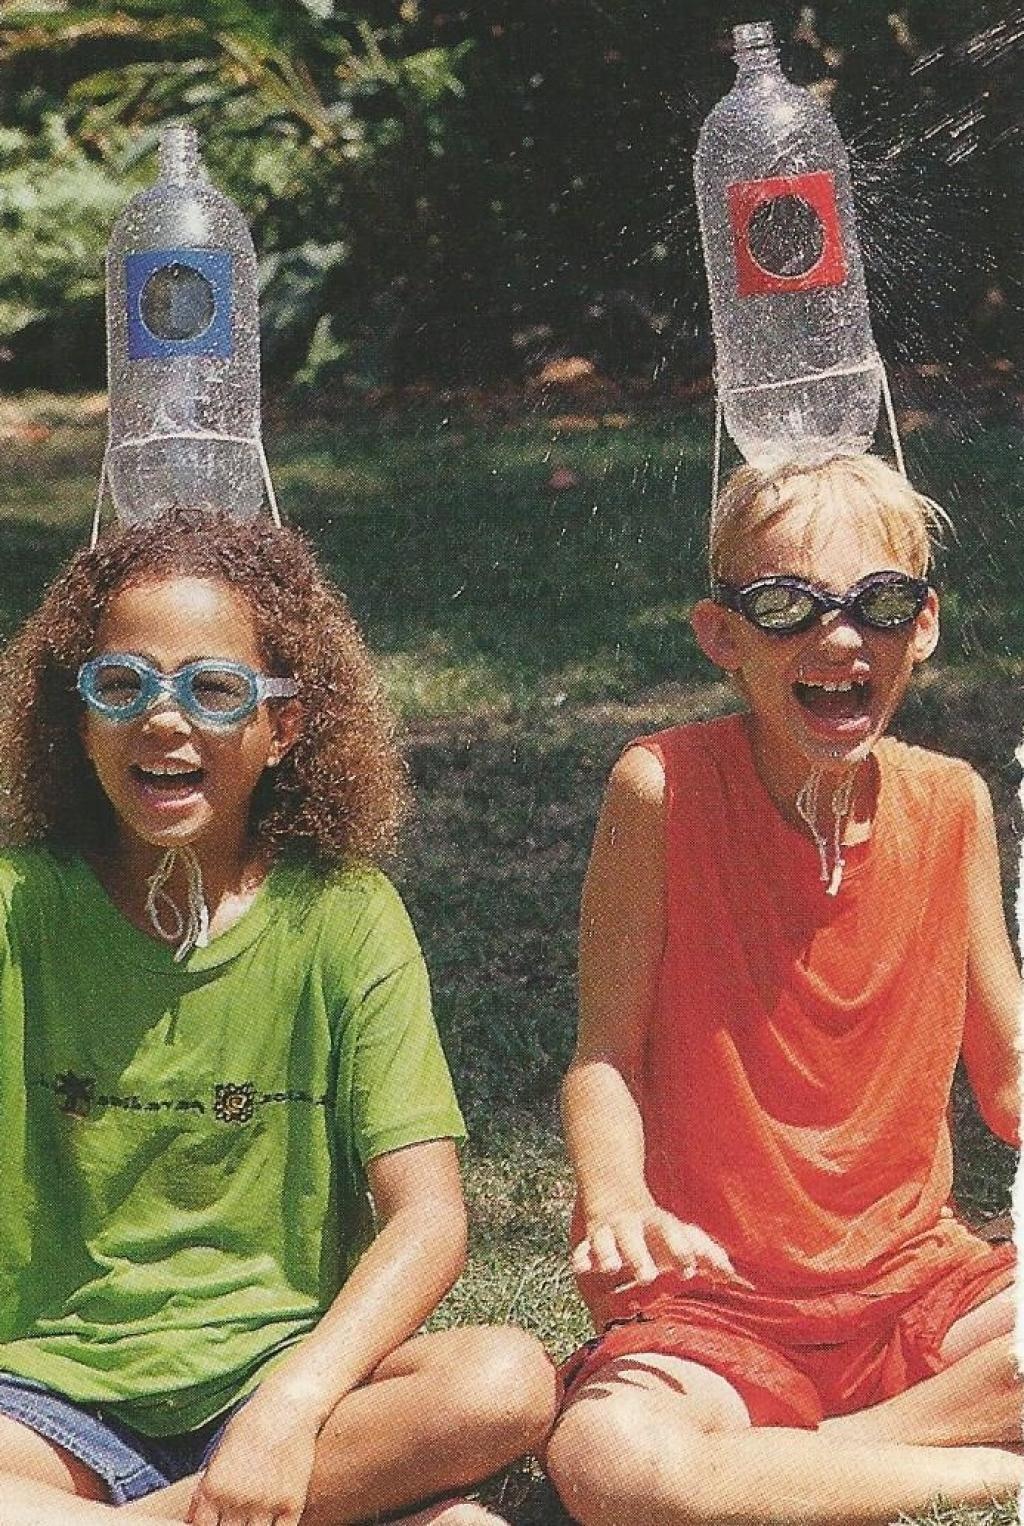 10 Jeux D'eau, Trop Cool À Essayer Avec Les Enfants Cet Été dedans Jeux De Saut Dans L Eau